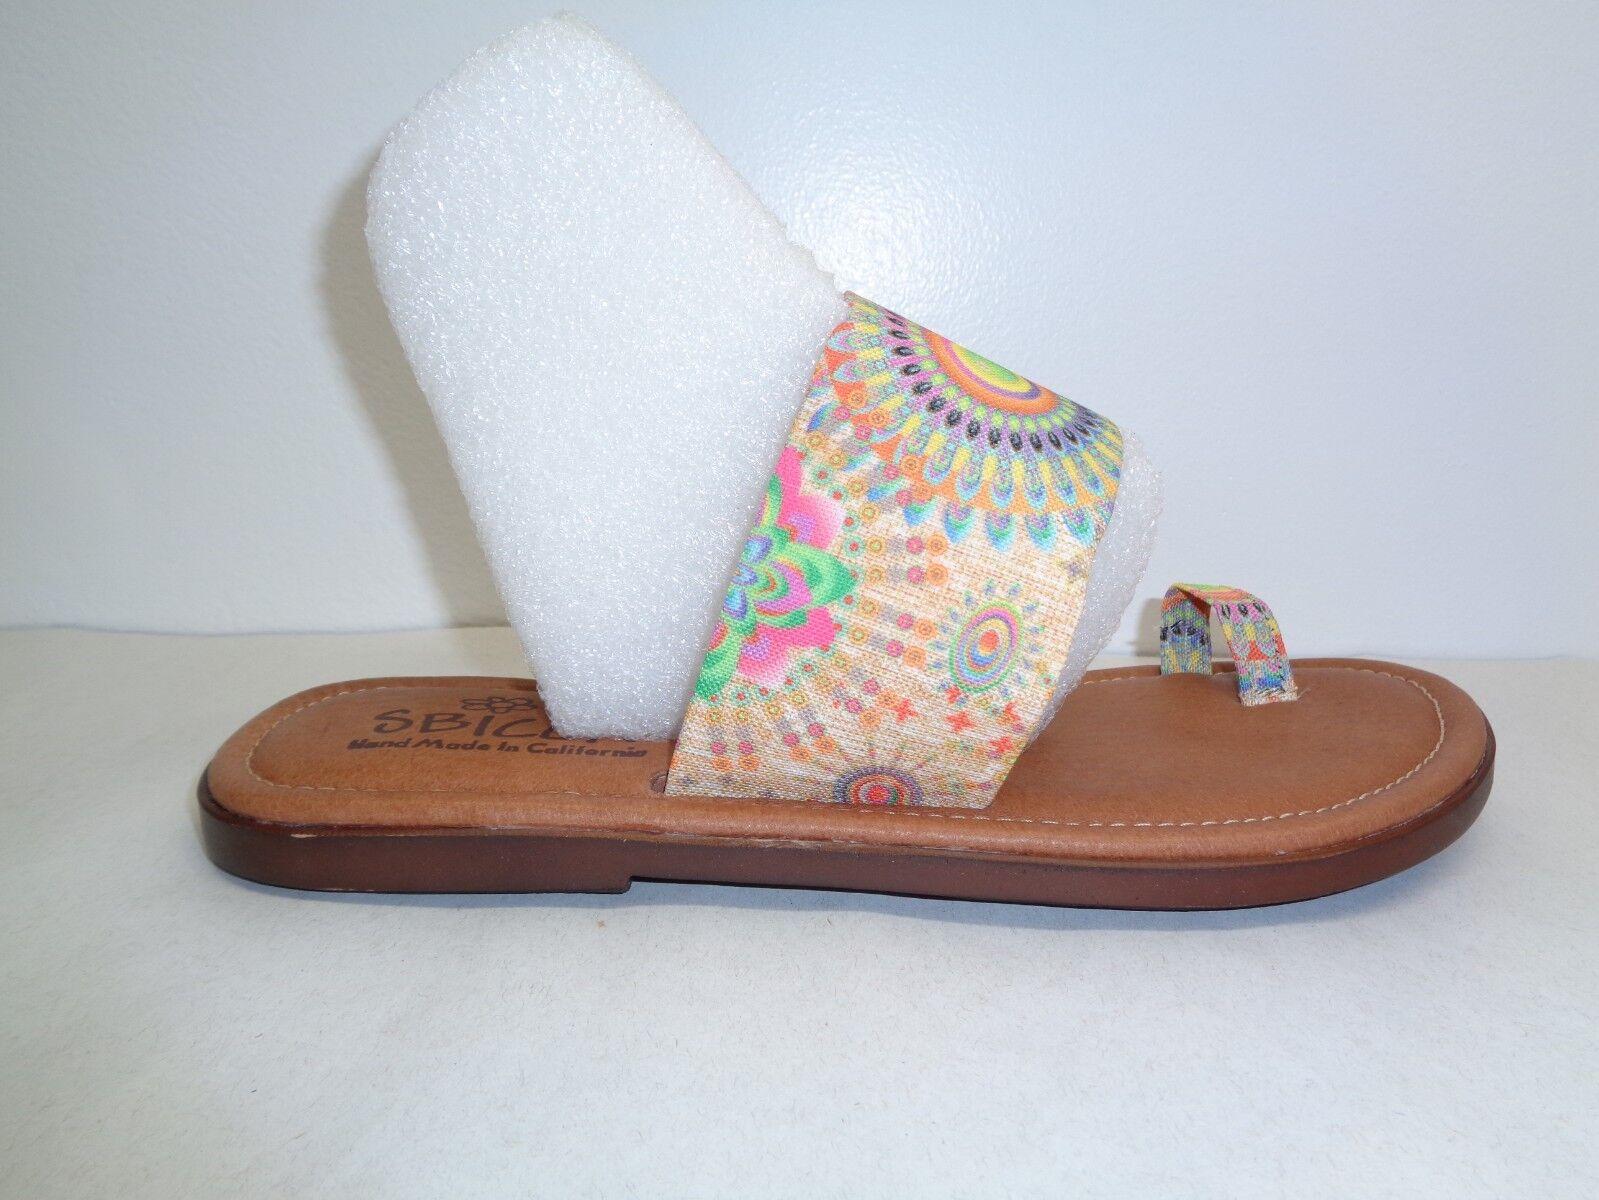 Sbicca tamaño 9 M Sunnyvale Tela resbalón en el el el Anillo Del Dedo Del Pie Sandalias nuevo Zapatos para mujer  a la venta